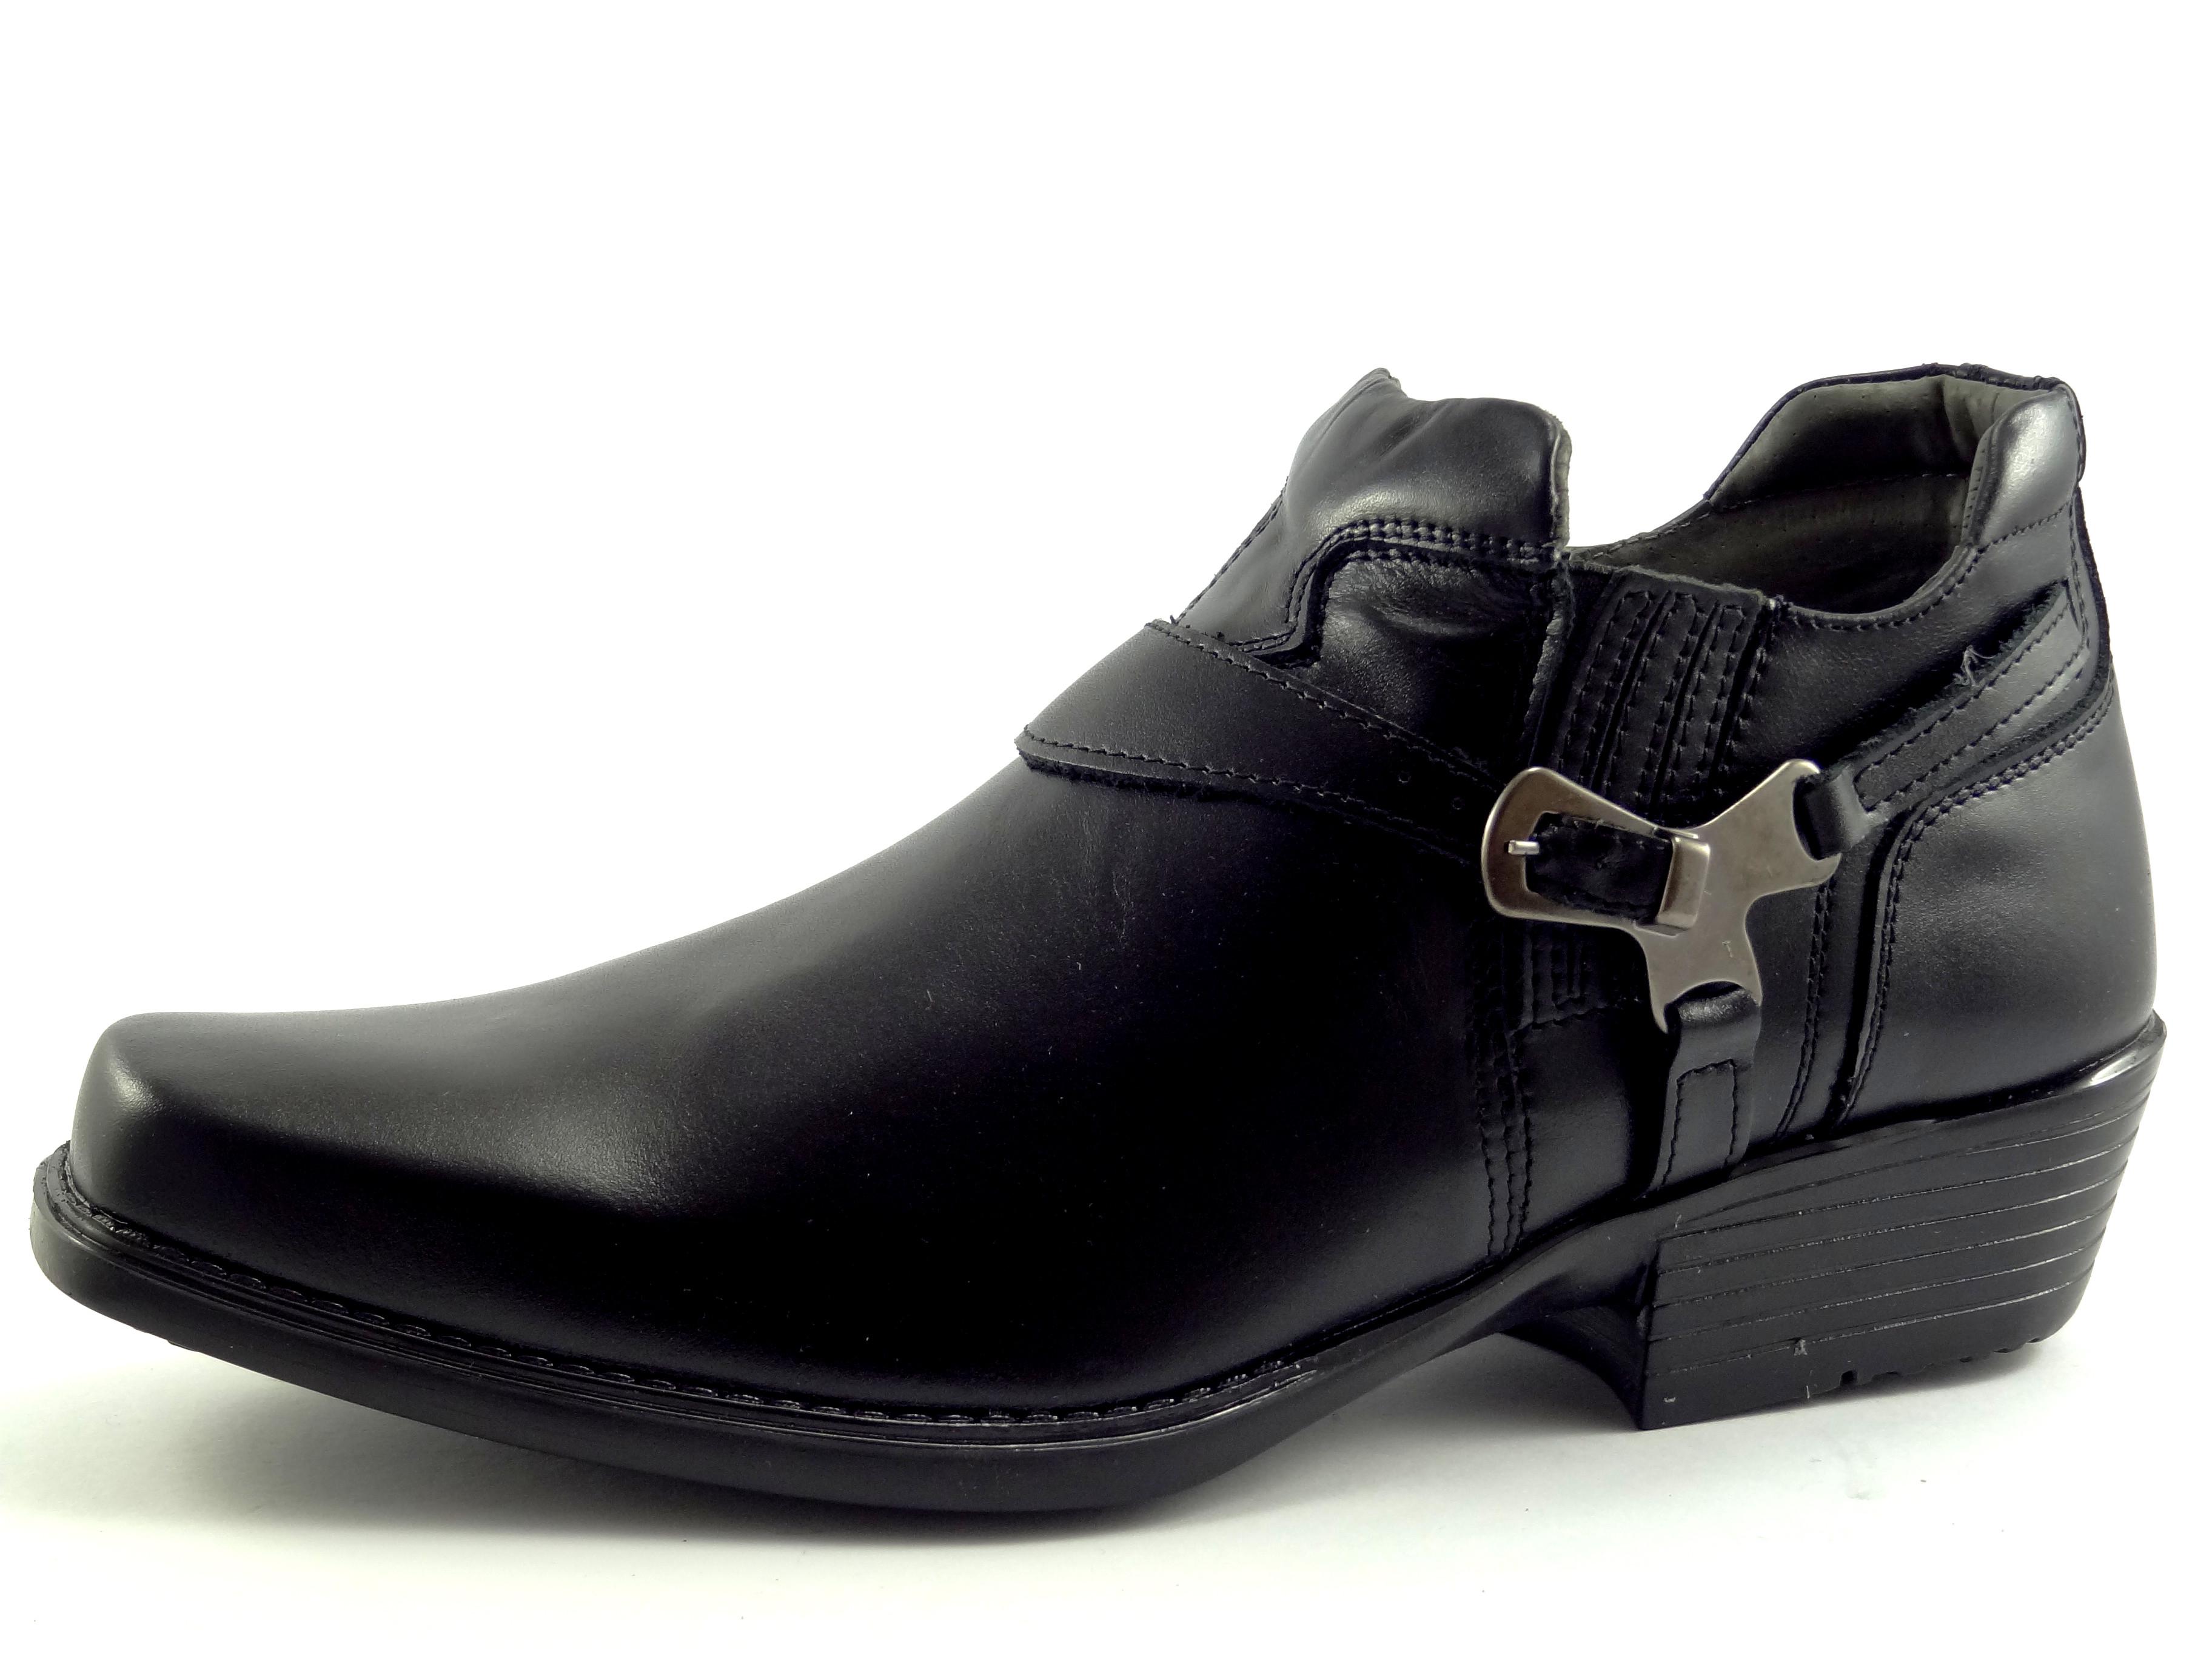 Selma westernové boty na motorku na koně nízká 1026 black  d649220139